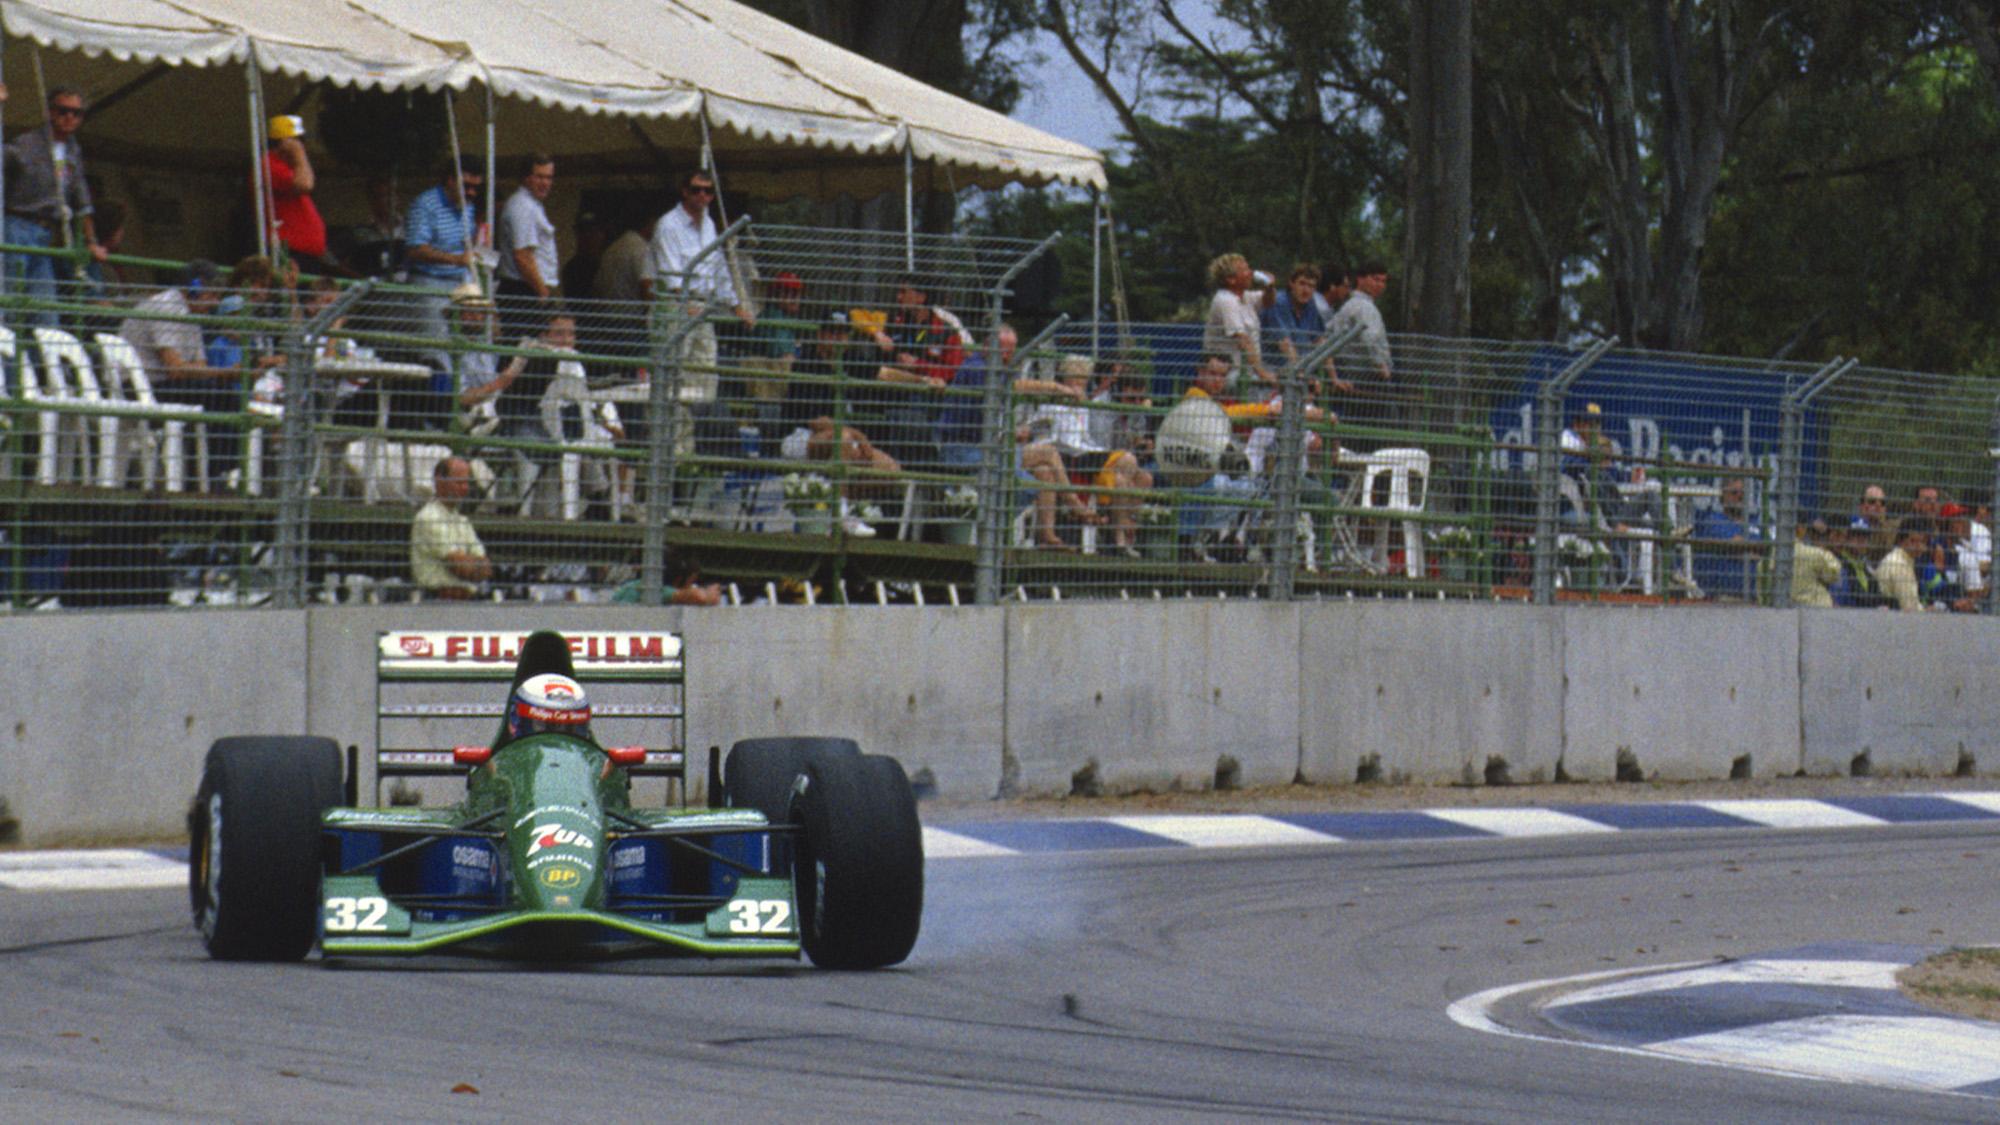 Alex Zanardi braking in the 1991 Jordan 191 at the Australian Grand Prix in Adelaide